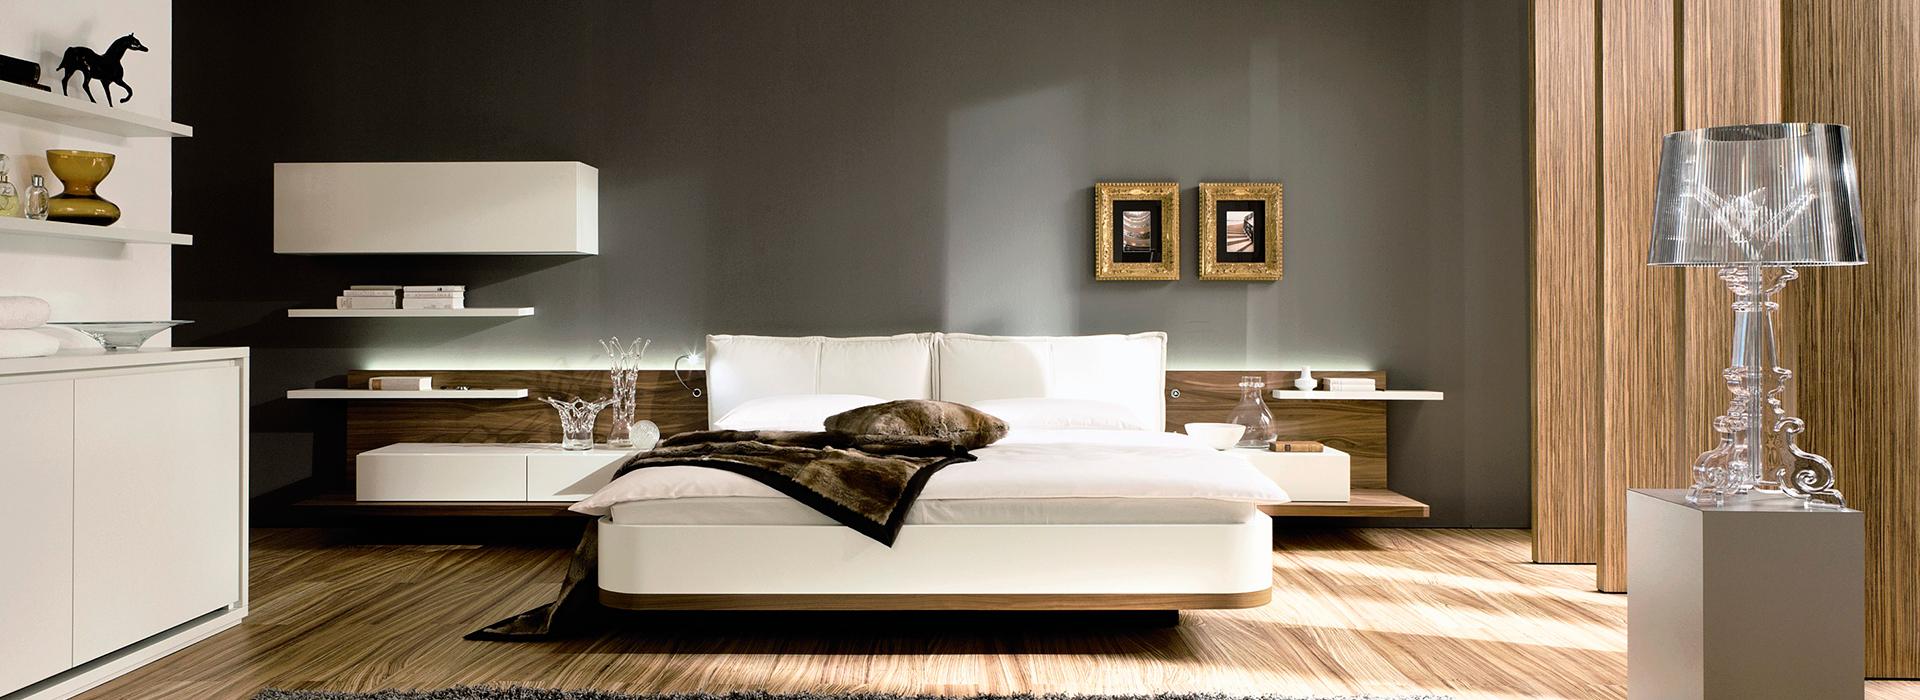 Leblon Equipamiento Contemporaneo Sof S Sillones C Rdoba # Muebles Vajilleros Modernos